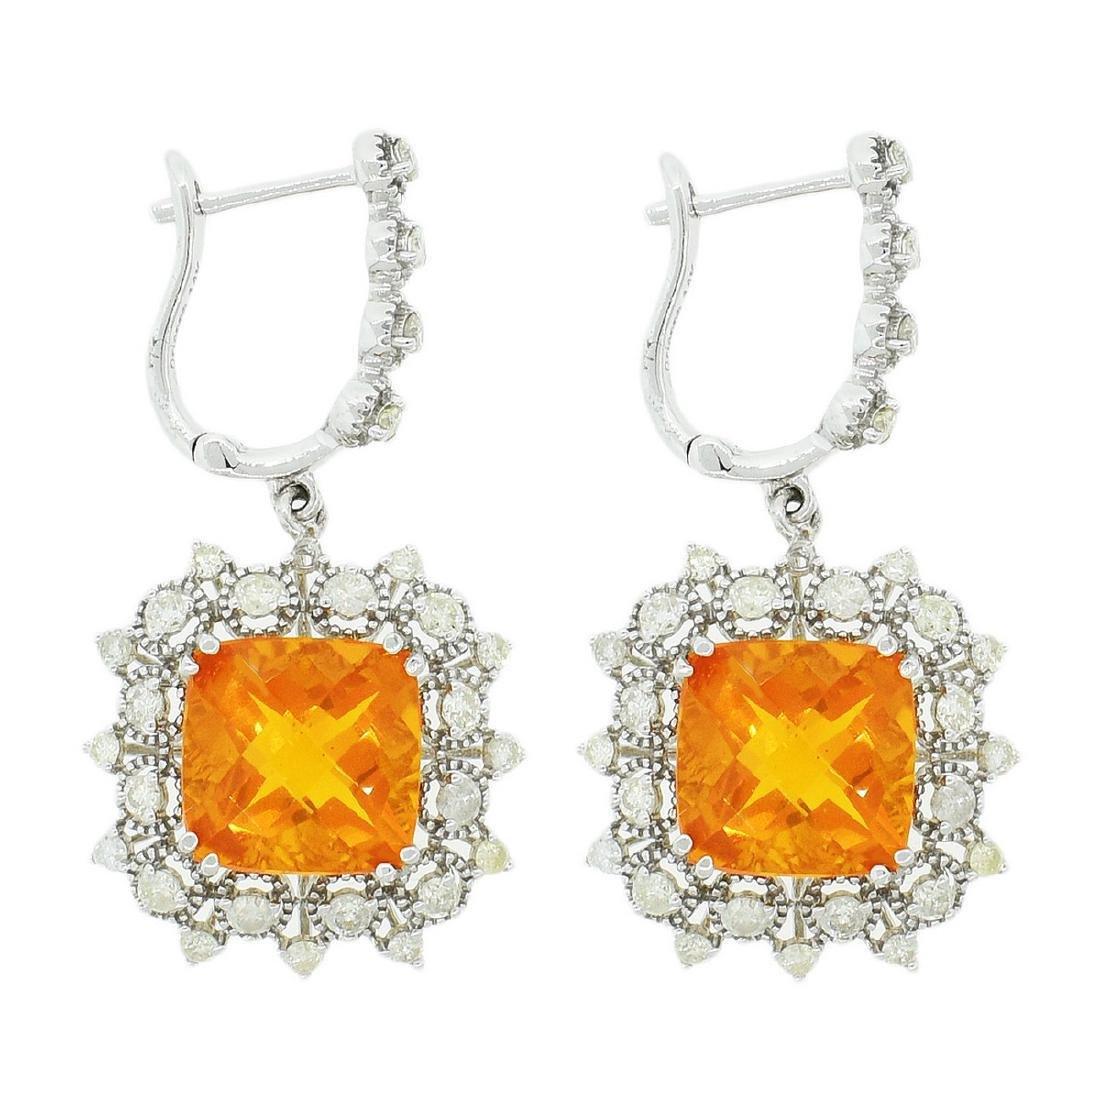 14K White Gold 6.72ct Fire Opal 1.55ct Diamond Earrings